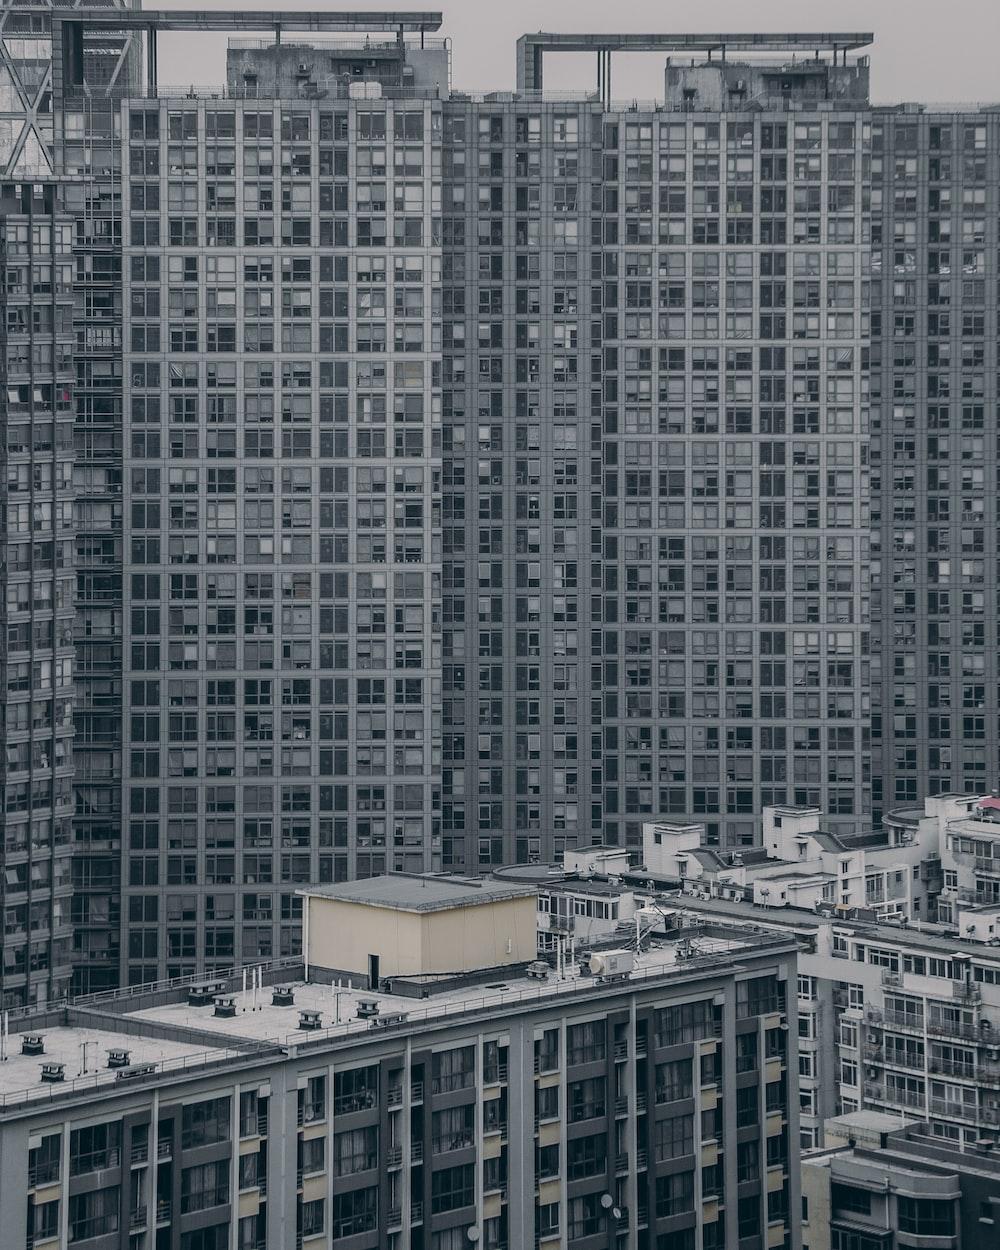 Αποτέλεσμα εικόνας για beijing high rise